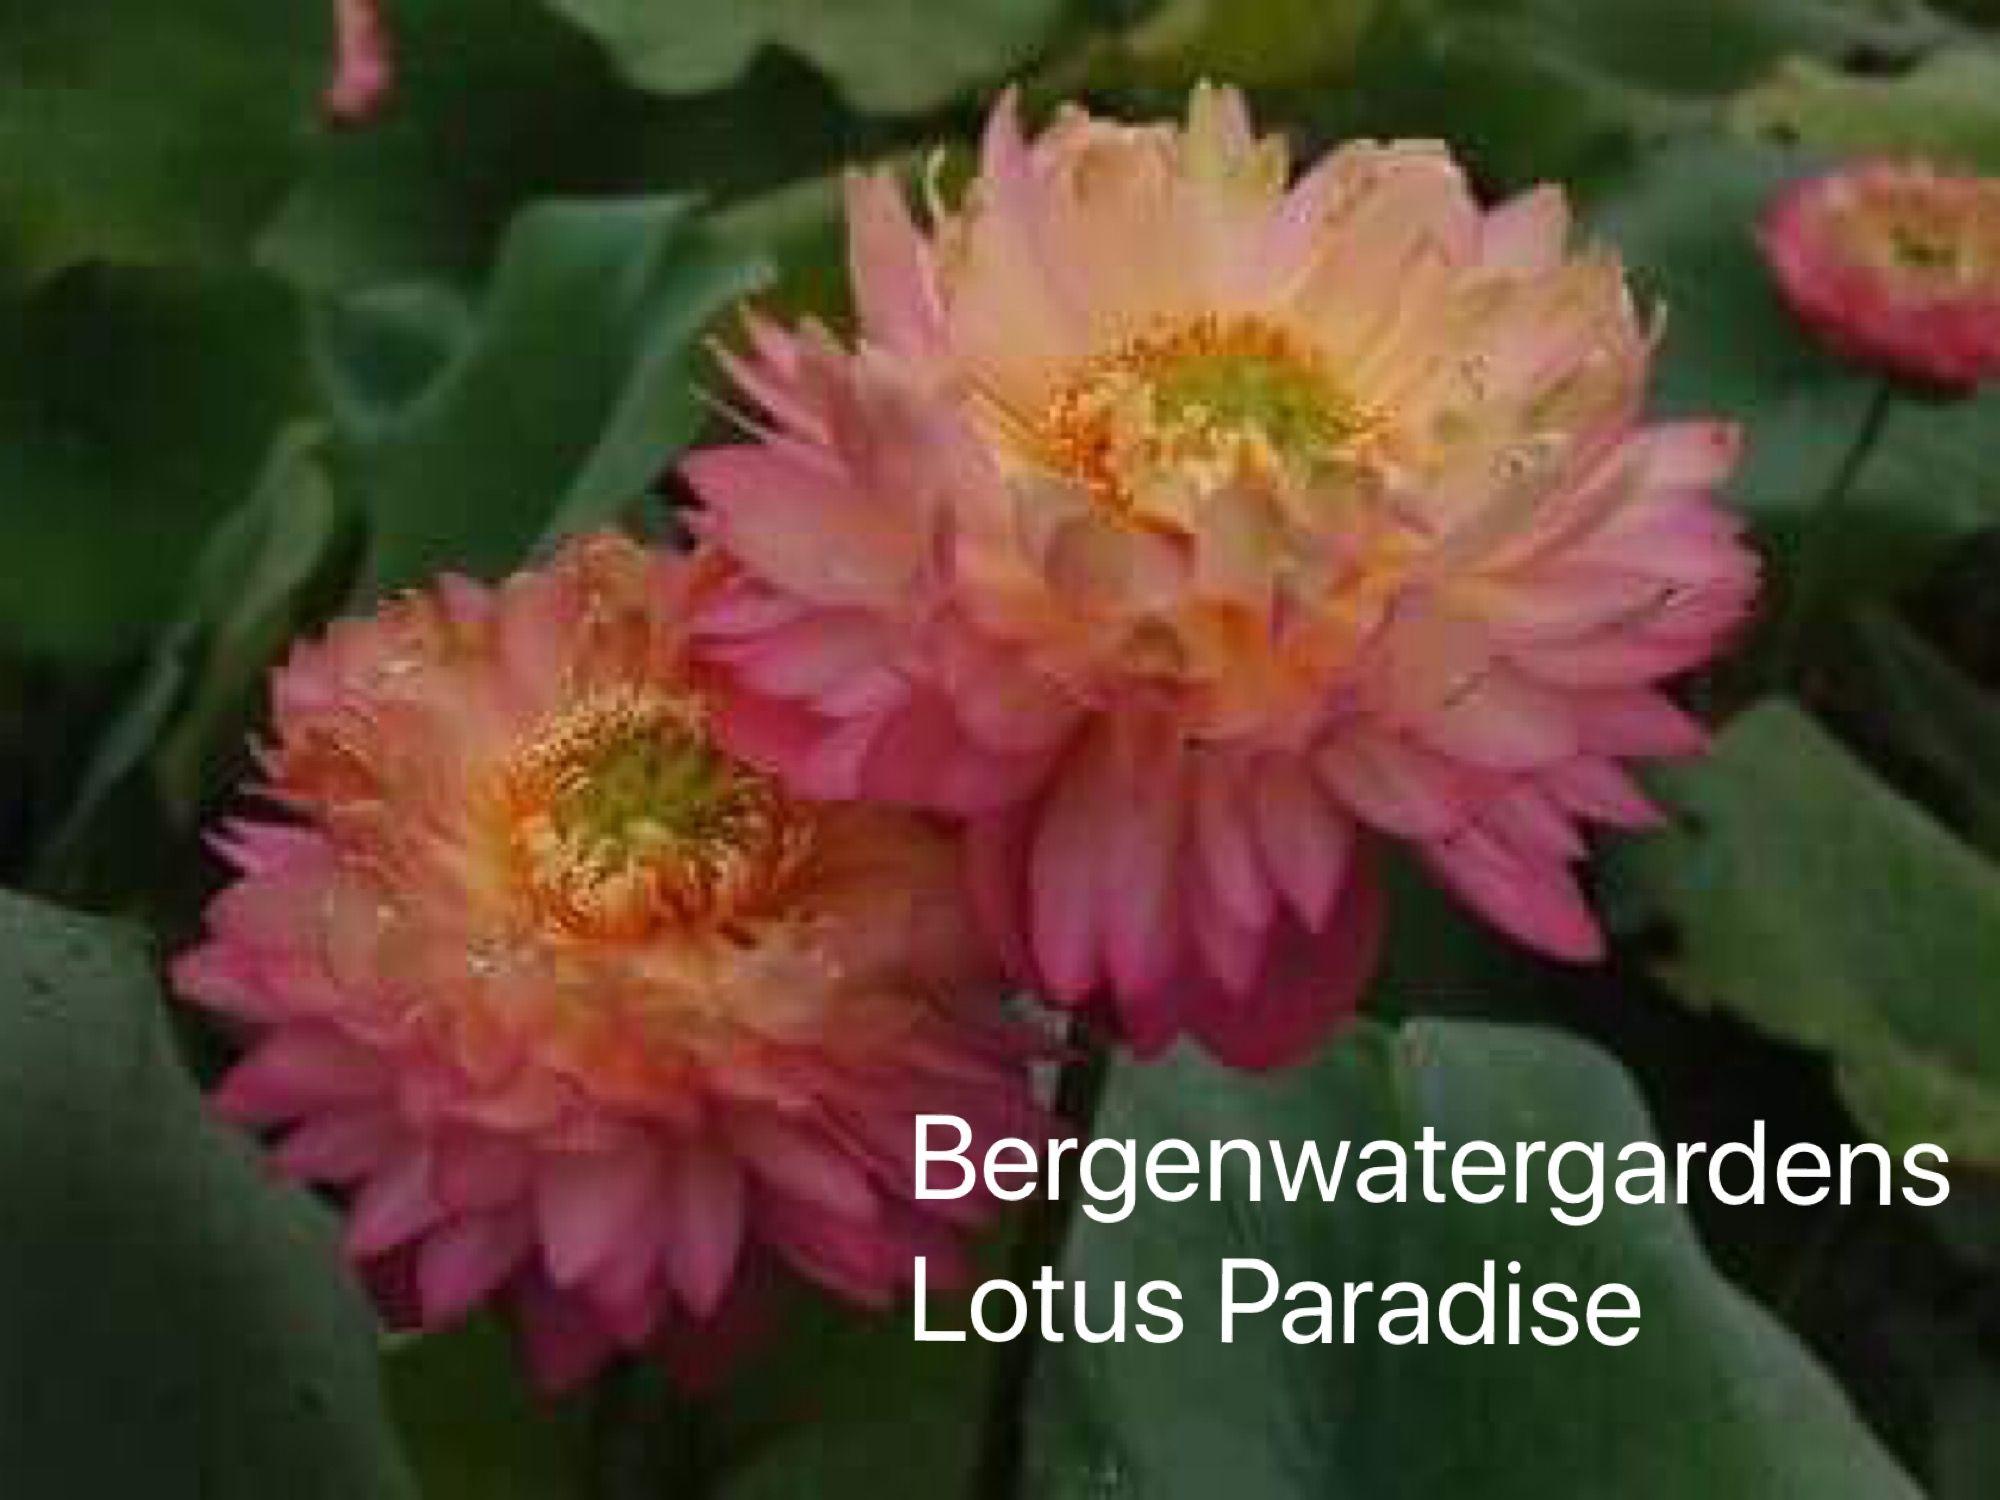 Pin By Lotus Paradise On Lotus Paradise Pinterest Lotus